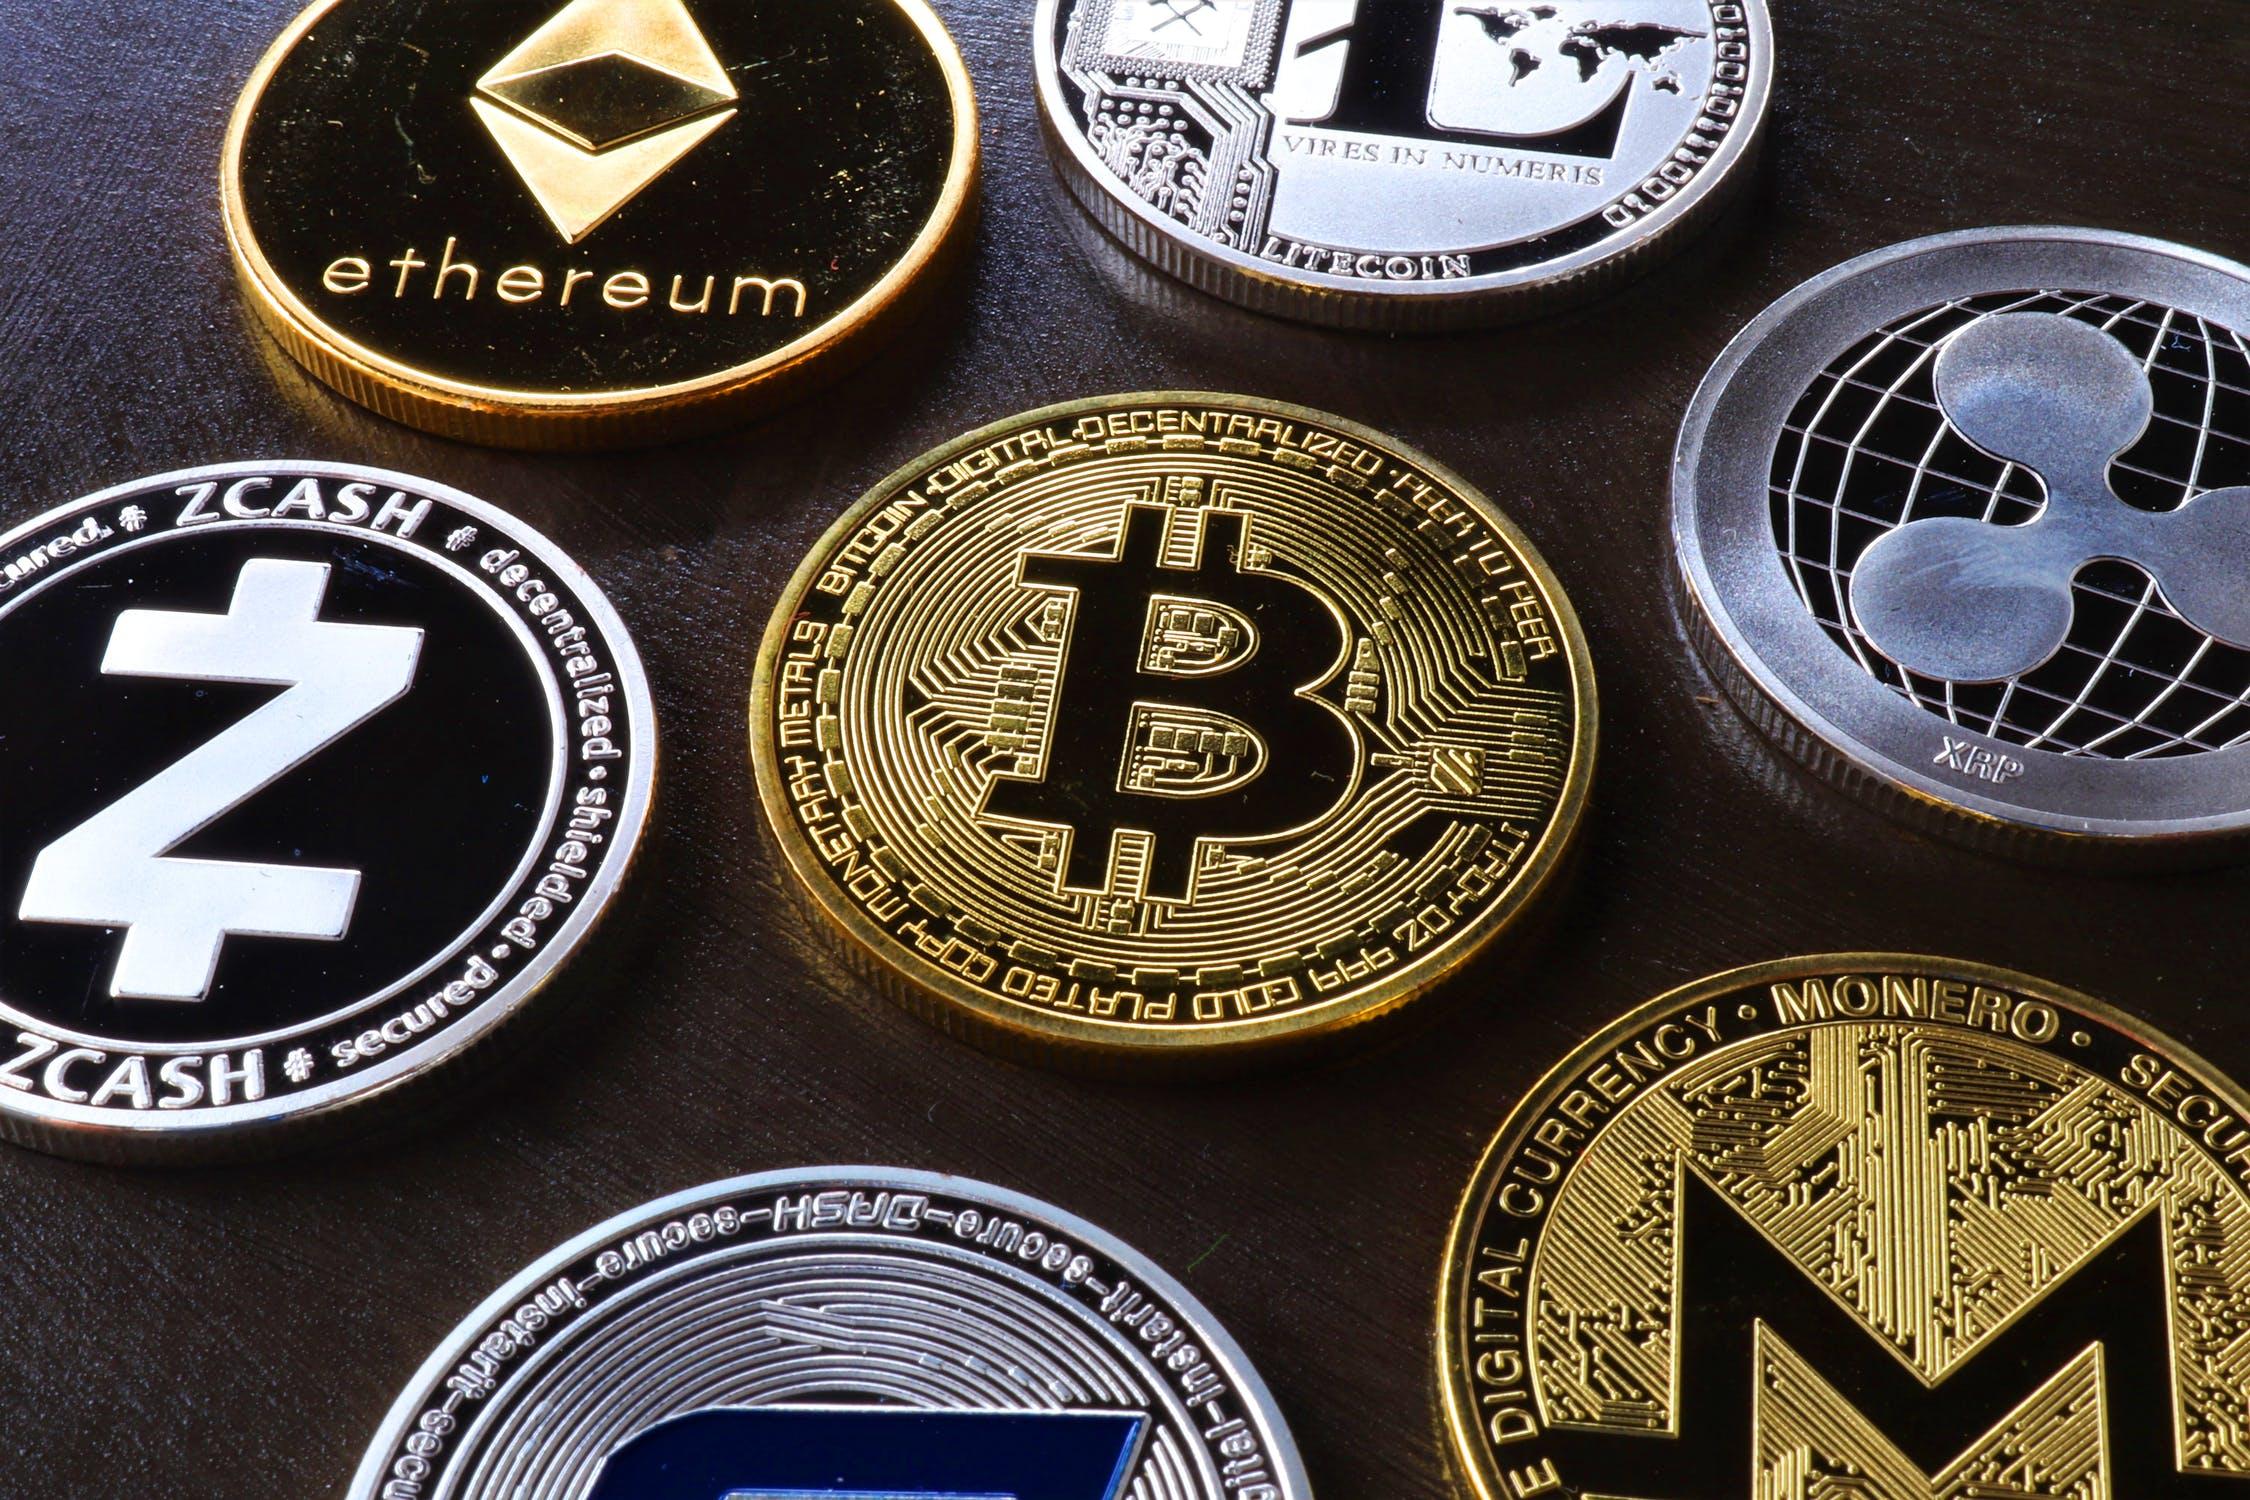 احتمال نقد شدن و تصاحب داراییهای رمز ارز مطالبهنشده توسط چند ایالت آمریکا